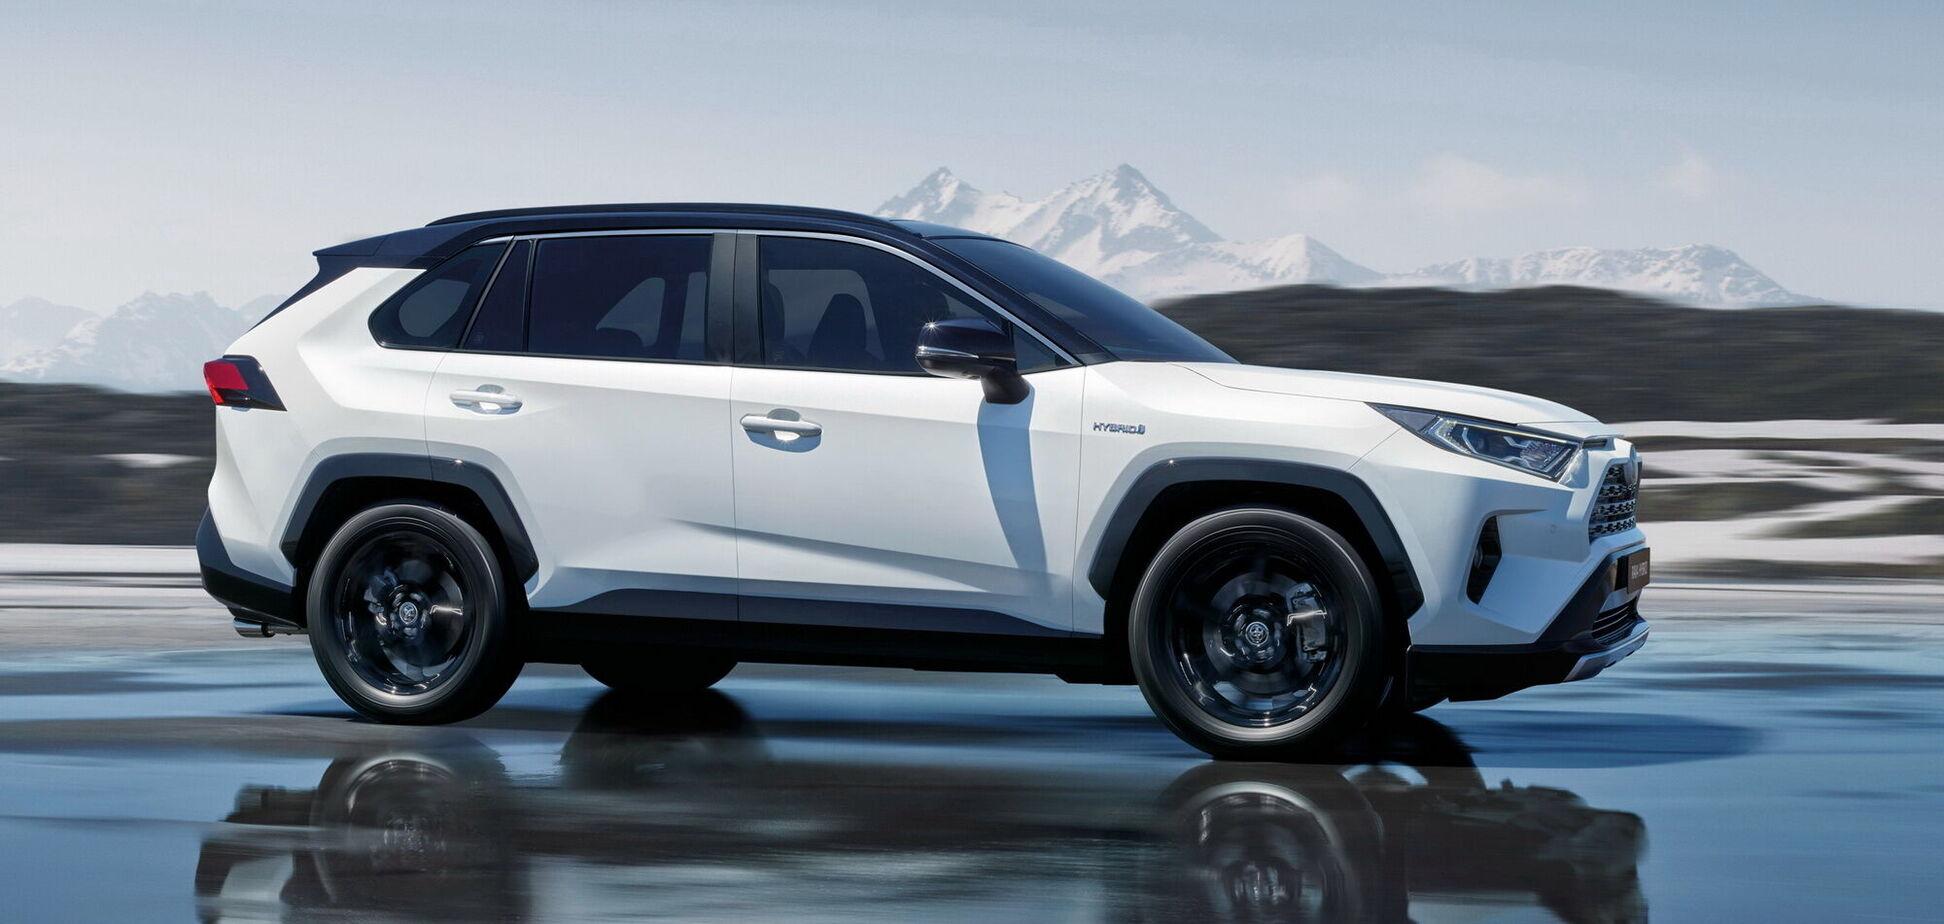 Майские продажи легковых автомобилей в Украине превысили 8,5 тысяч